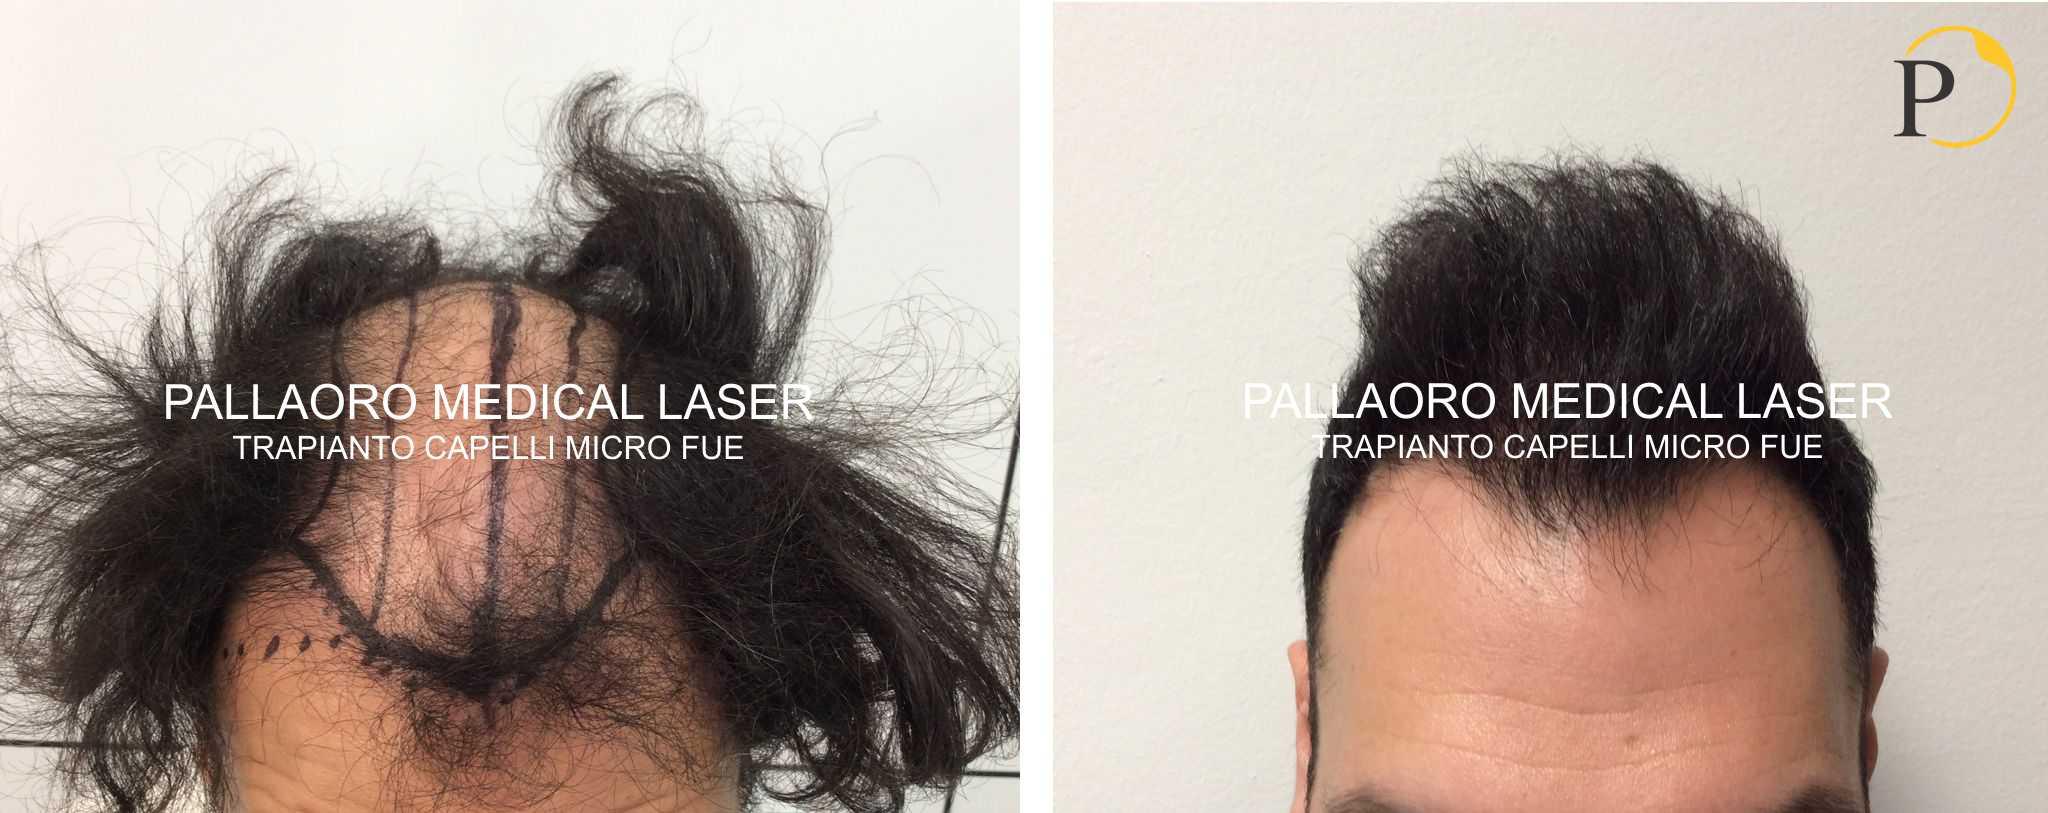 trapianto capelli 19-0104